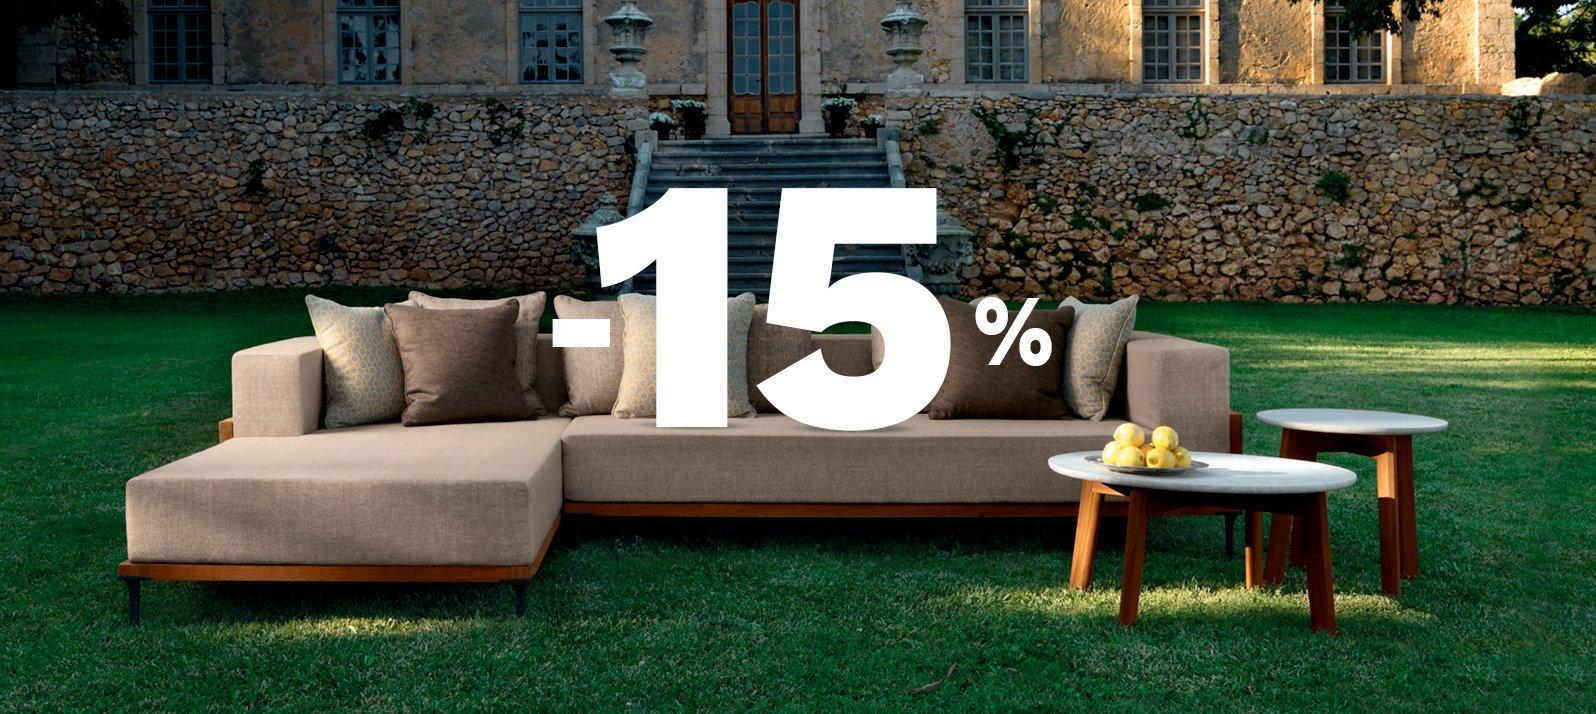 ¡-15% en el diseño de exterior!